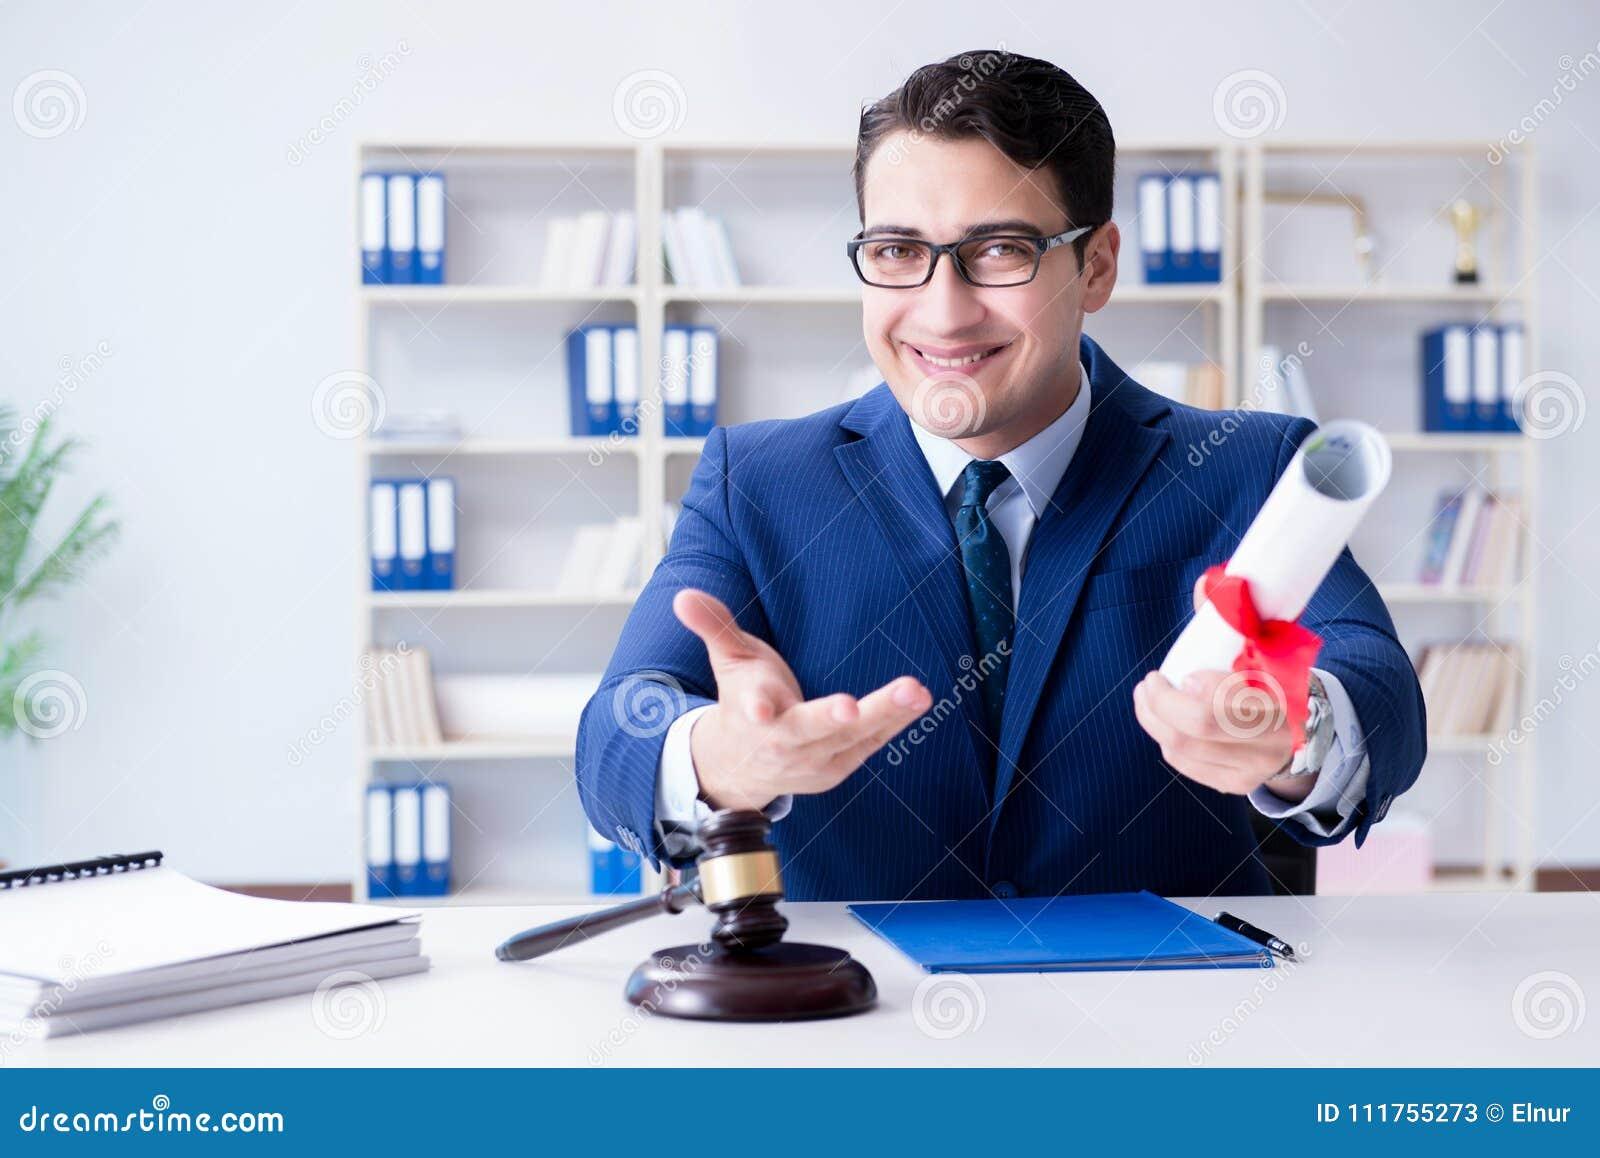 Il laywer con il diploma arriva a fiumi il concetto di eductional di professione legale